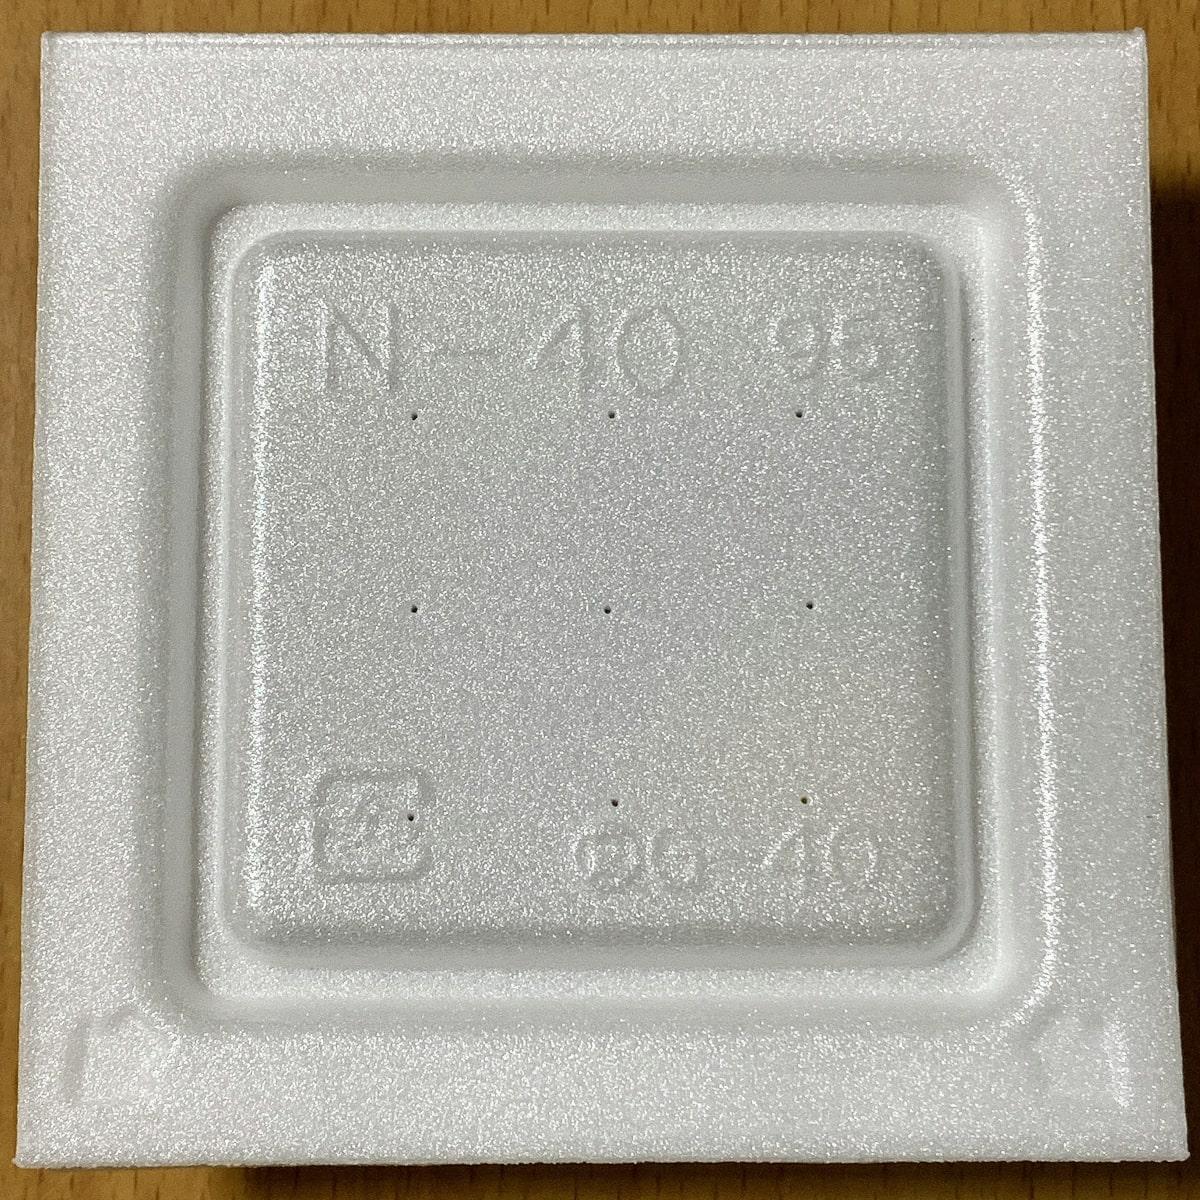 「永平寺小粒納豆」の容器の画像